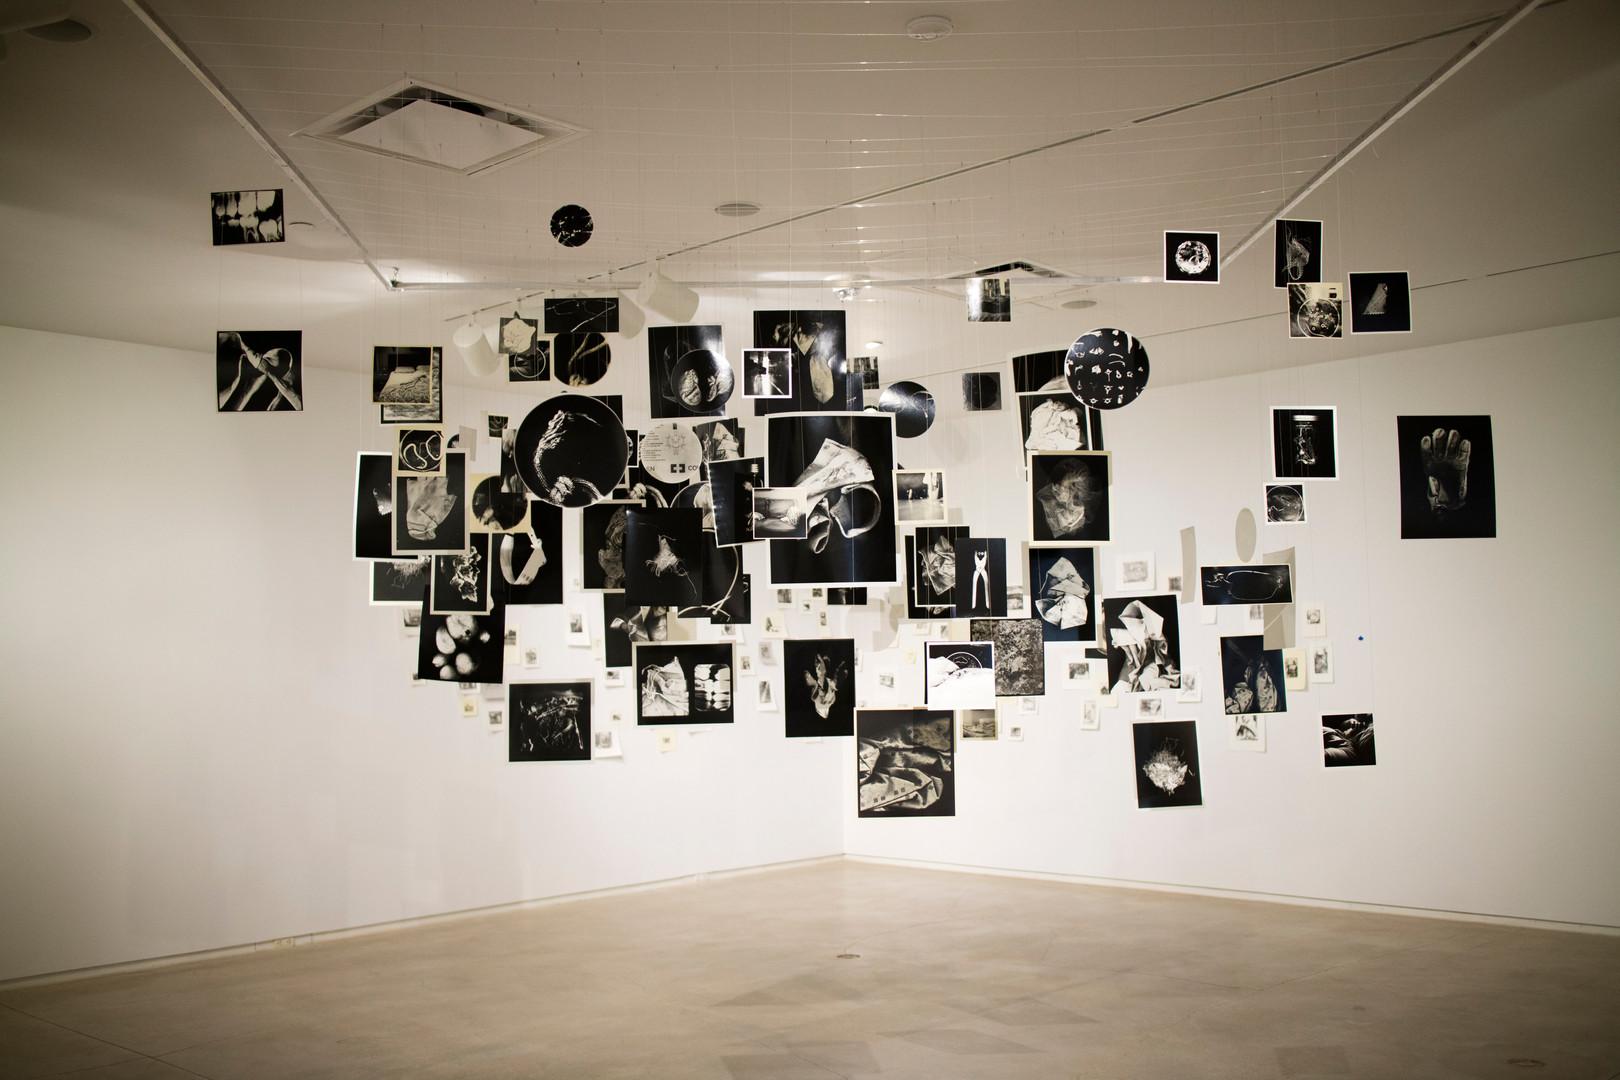 Anatomy of a Shadow Installation. 2019